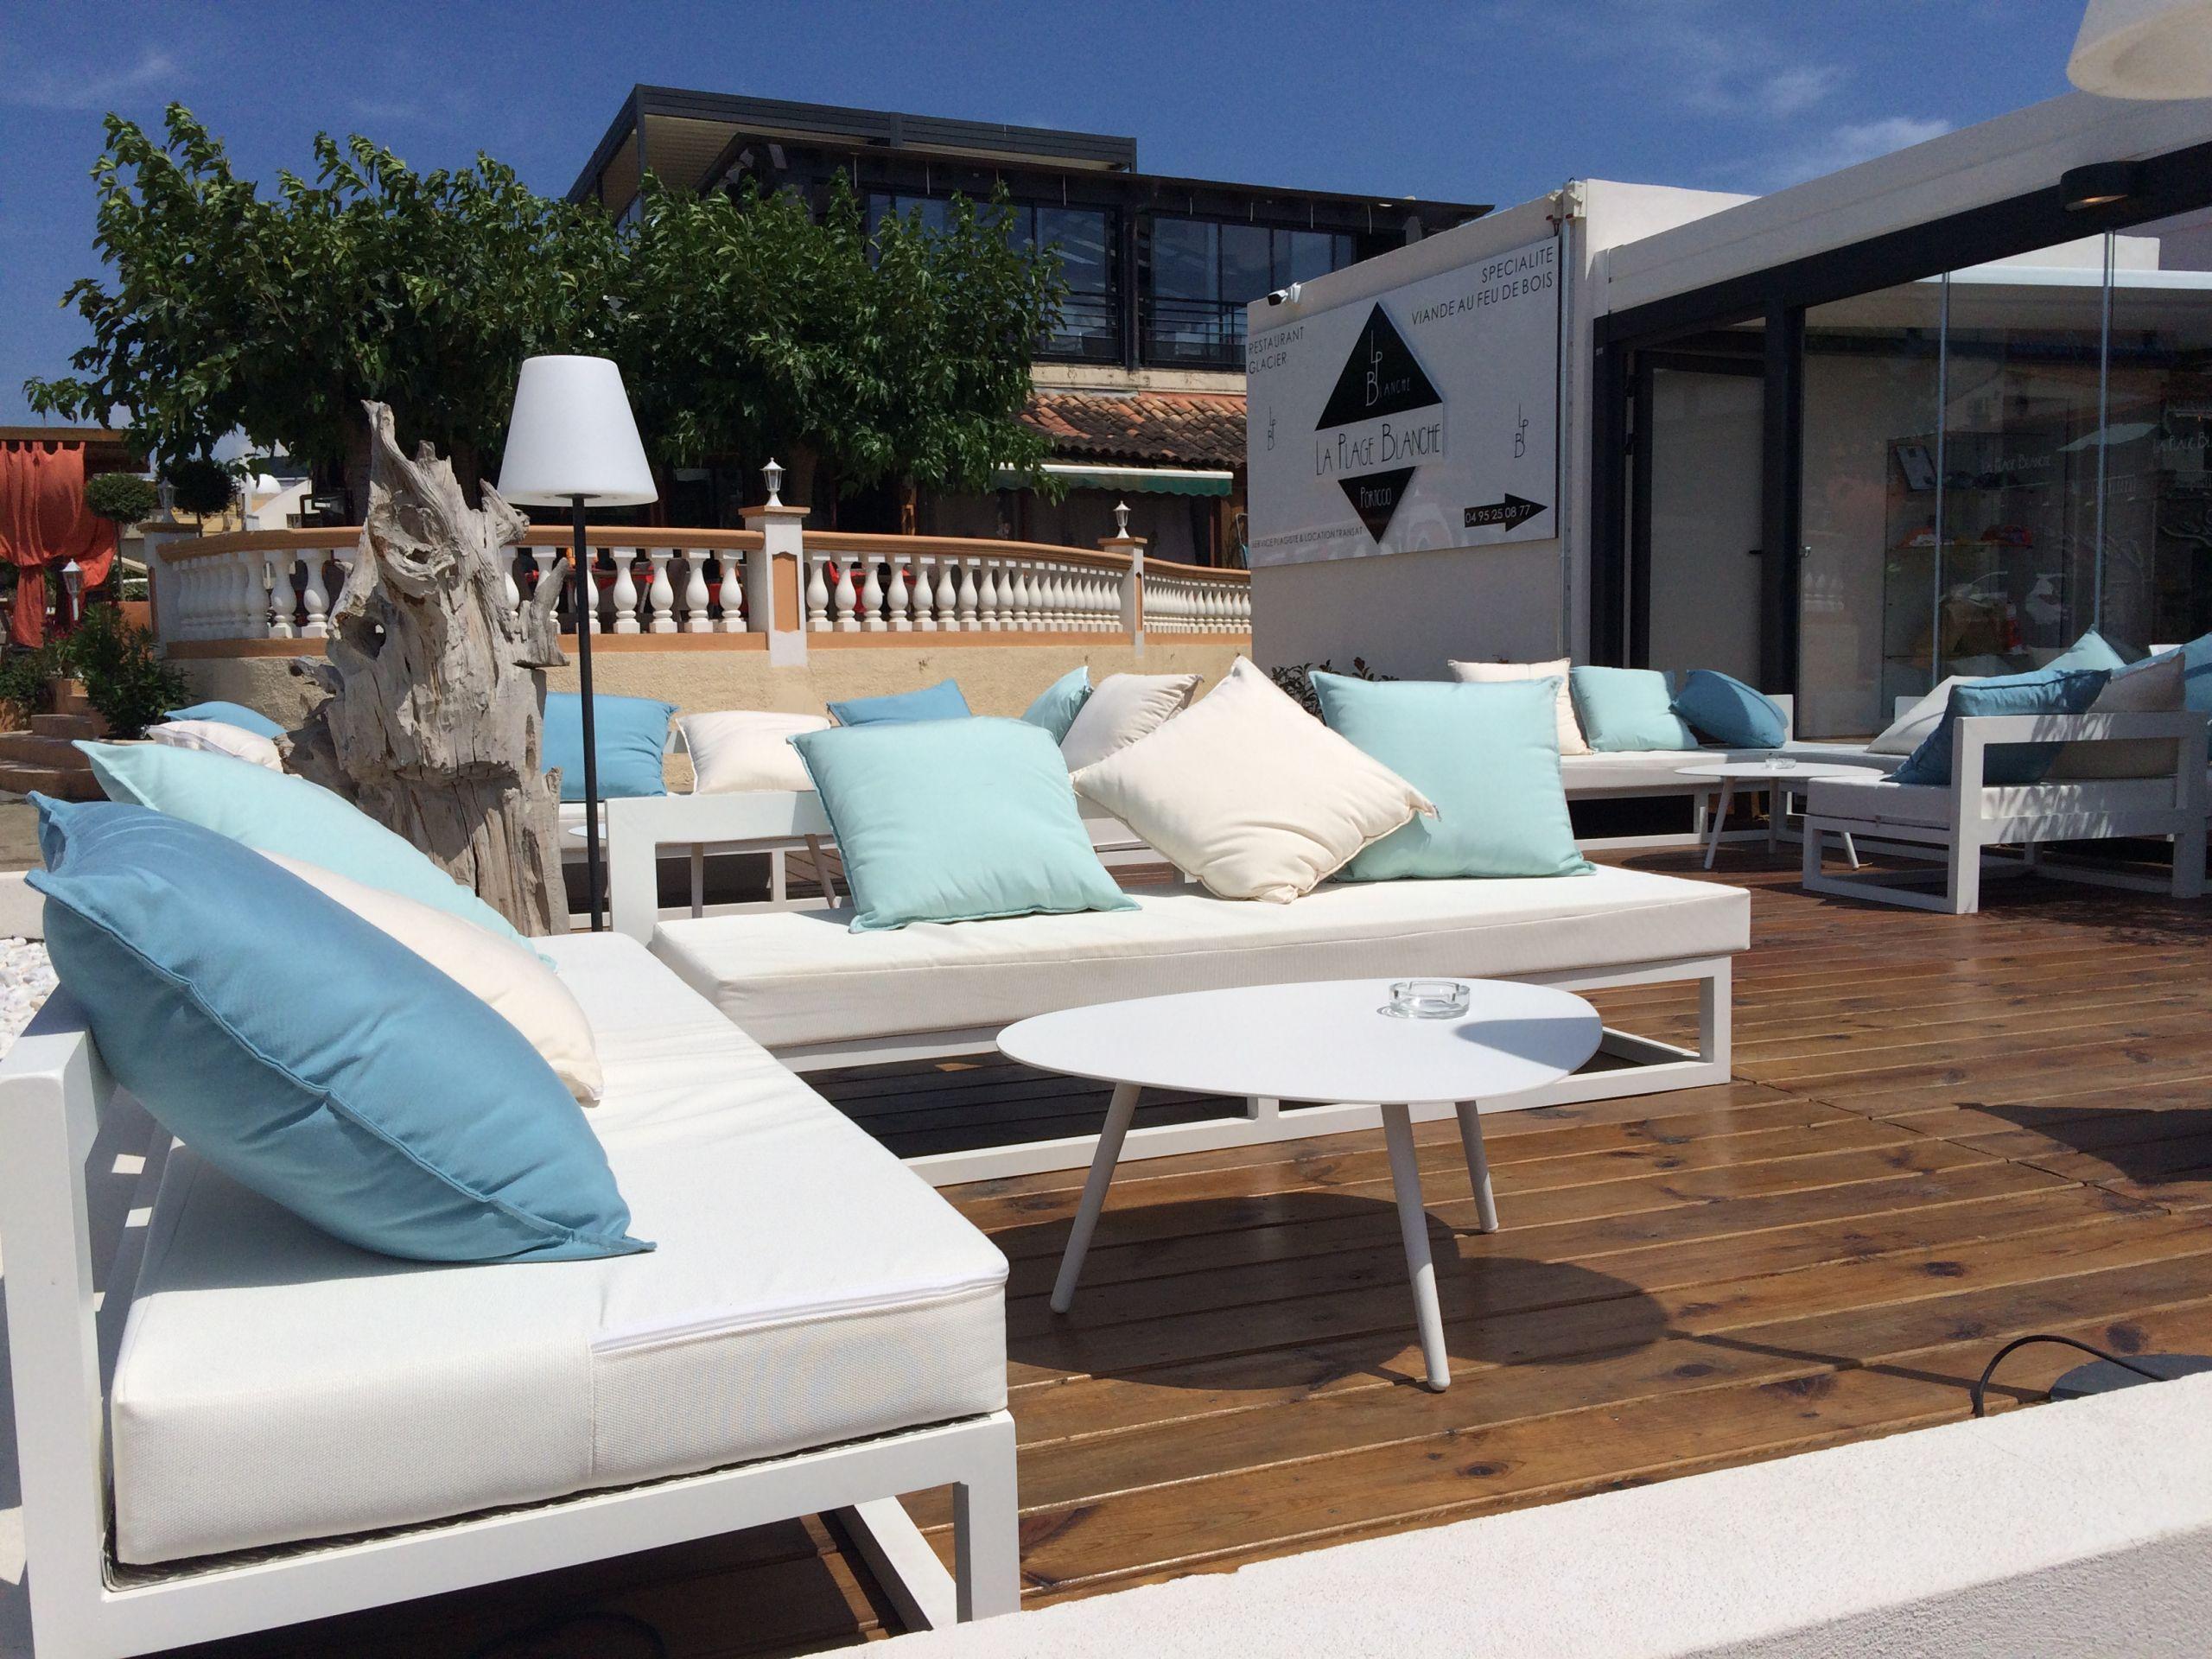 mobilier de terrasse transats personnalises 531 JPG